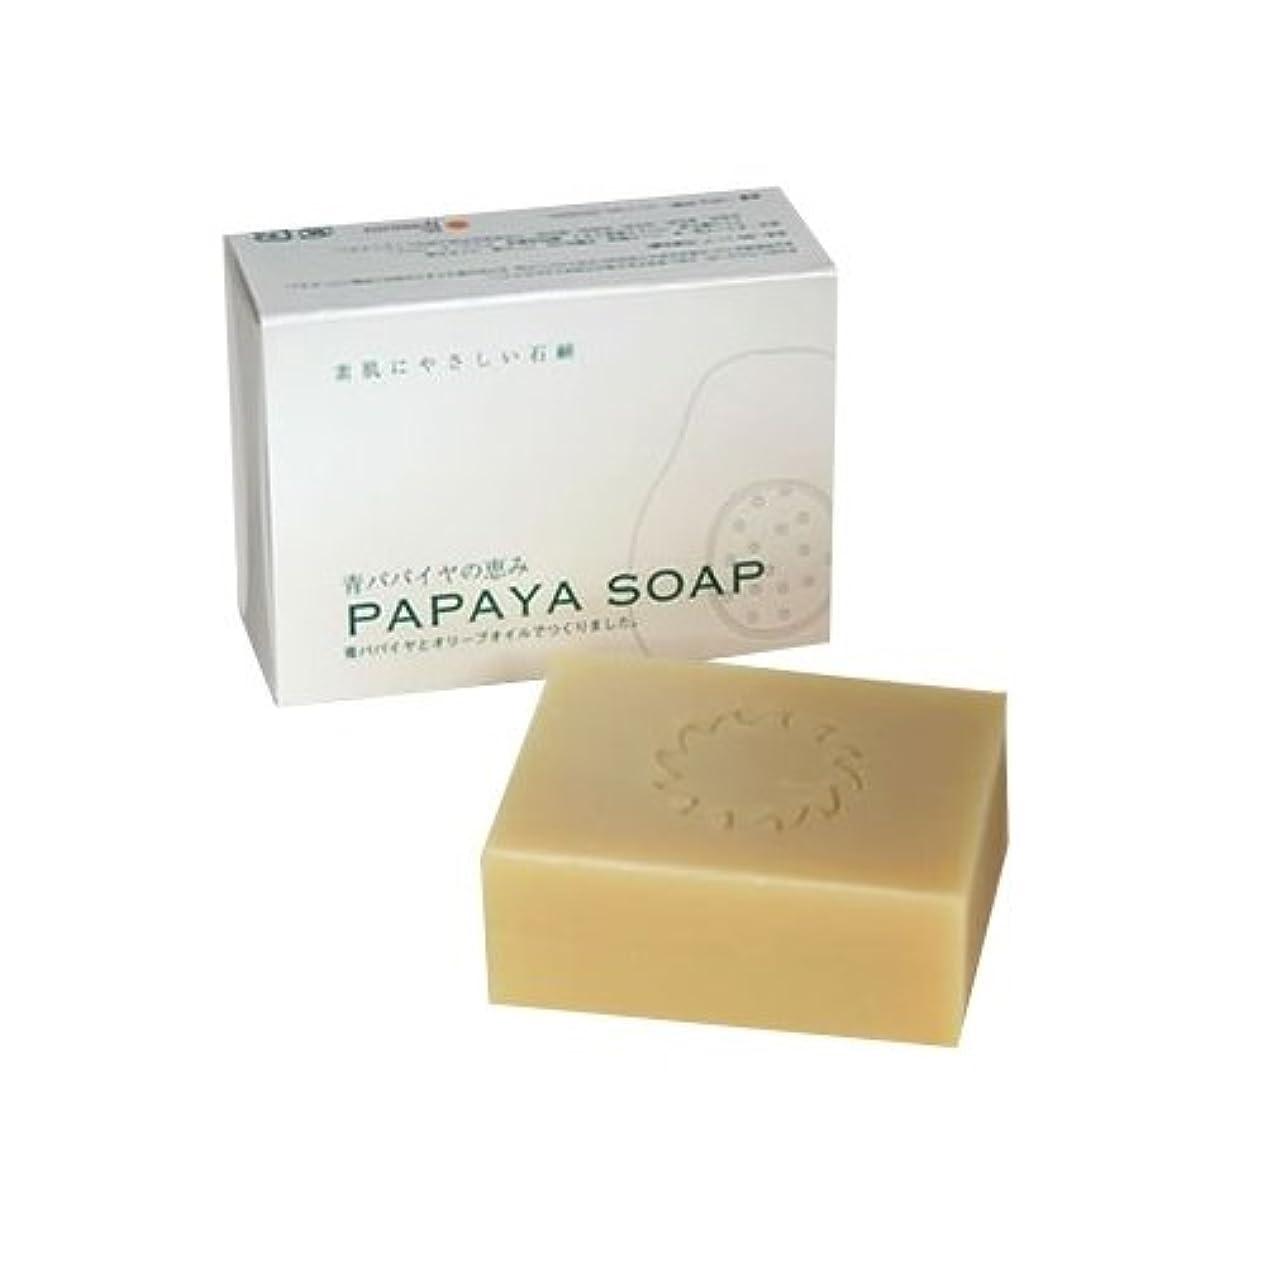 信じるドラフト静脈青パパイヤの恵み PAPAYA SOAP(パパイヤソープ) 100g